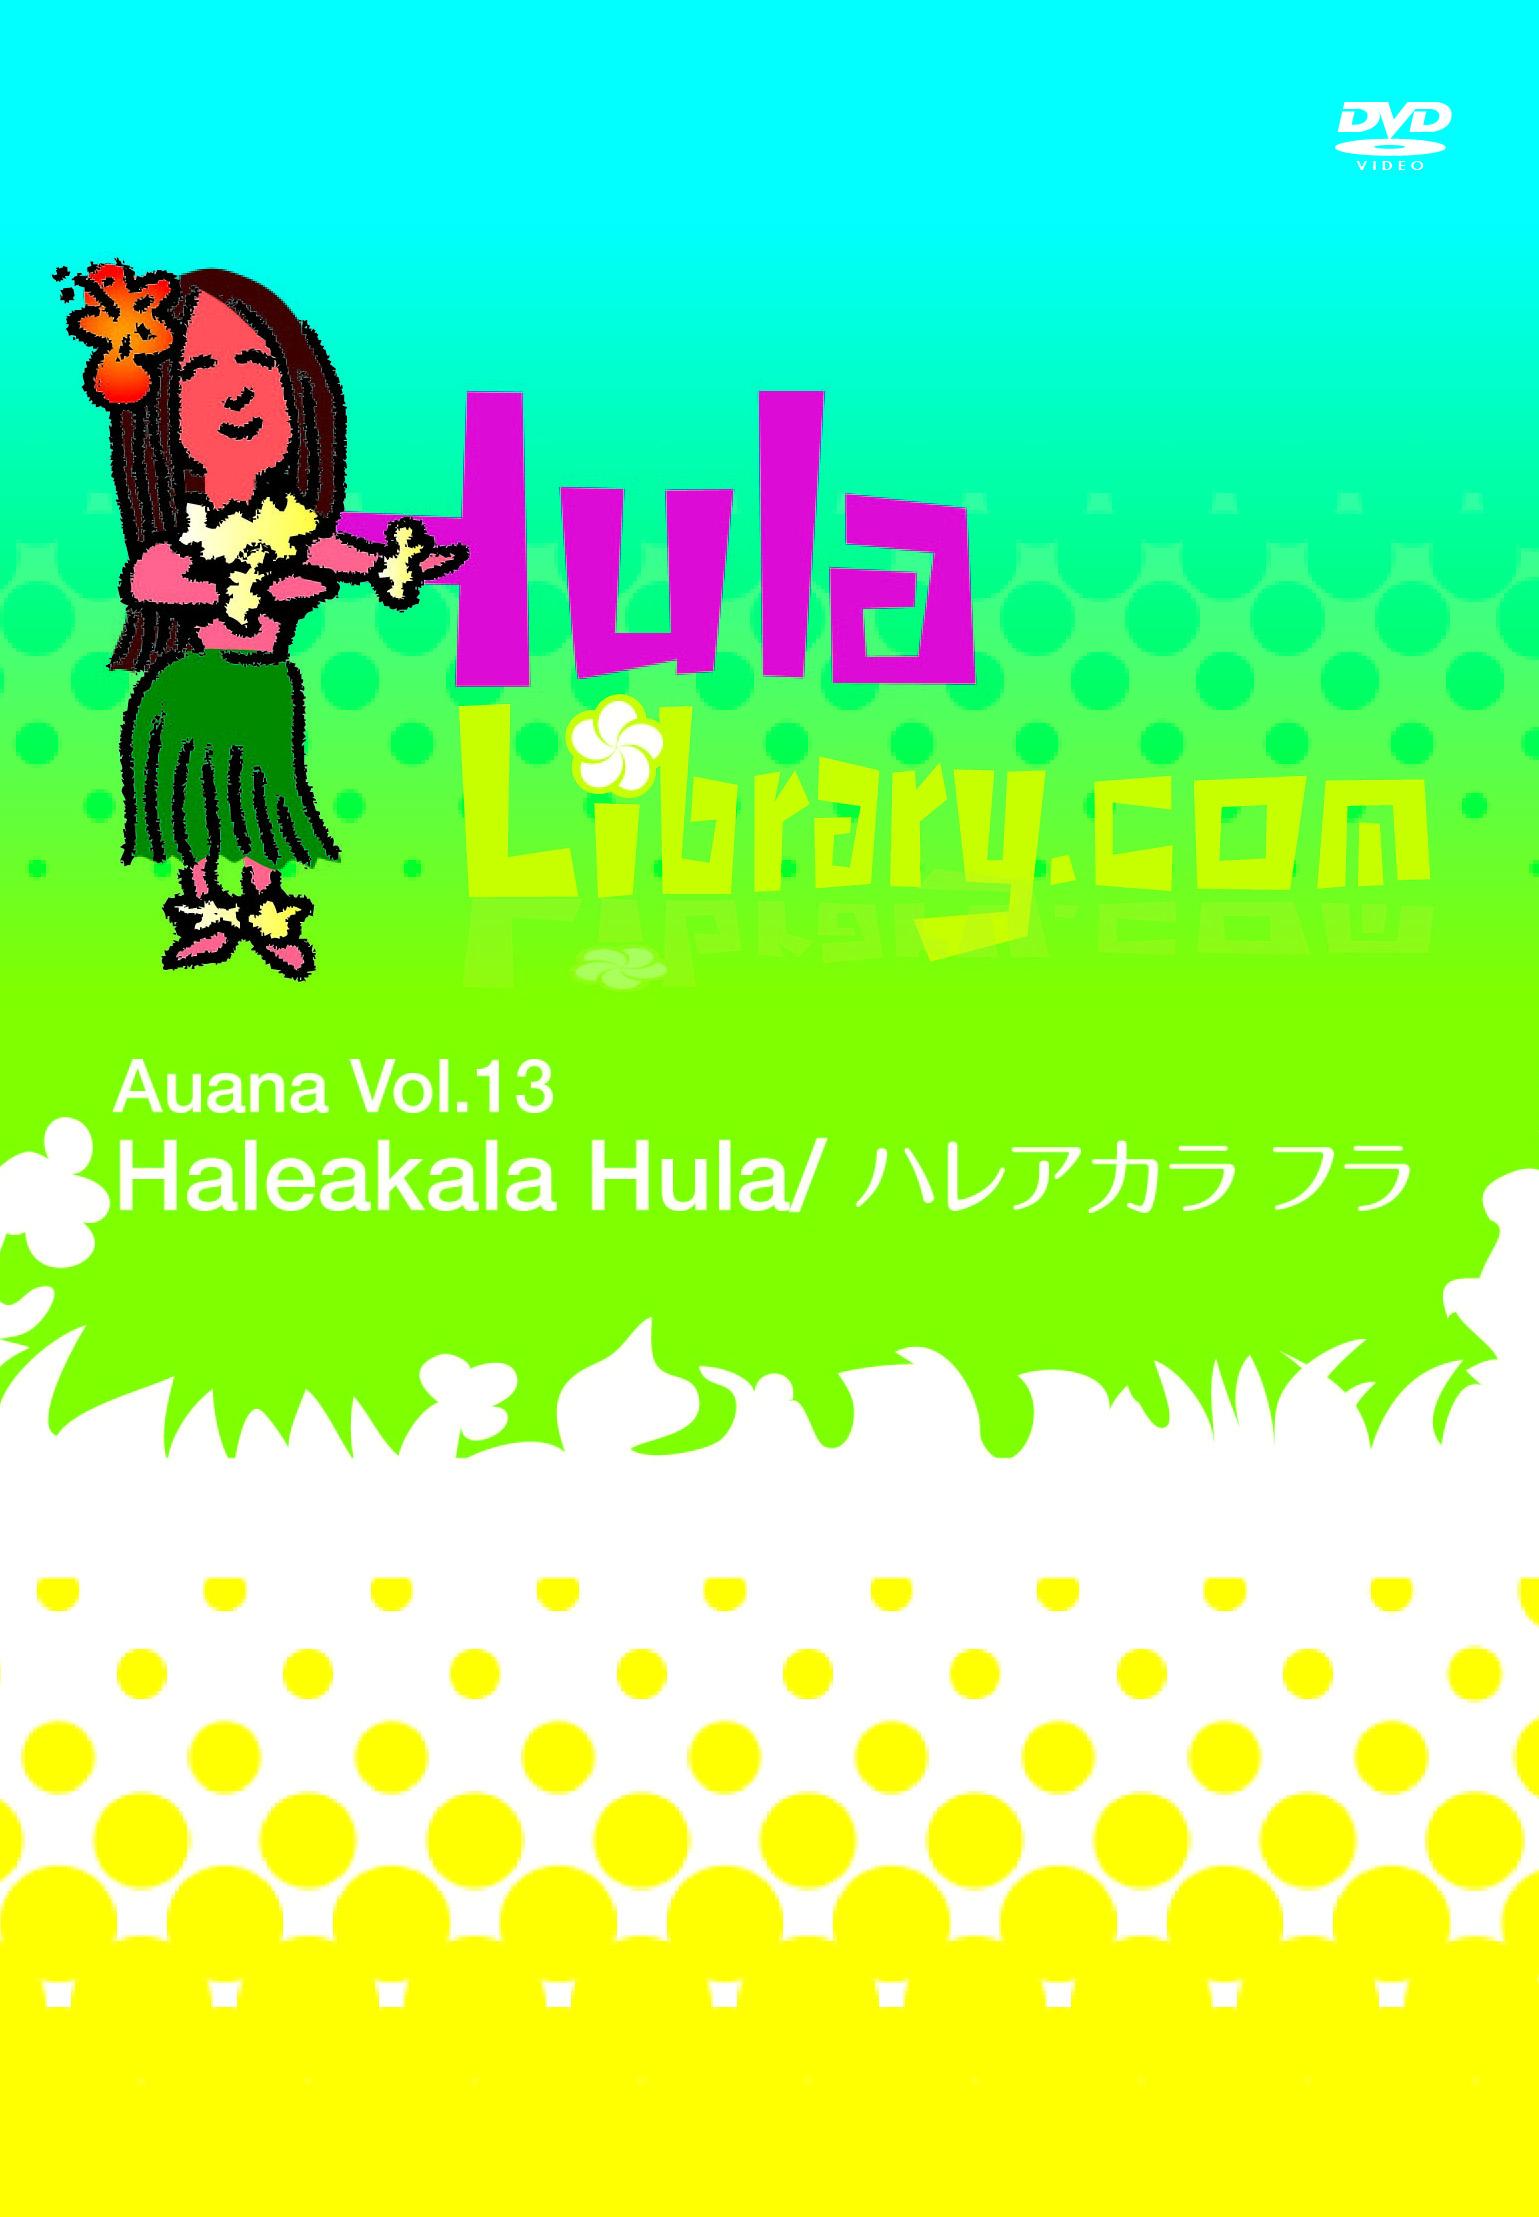 フラライブラリーDVD Vol.13 Haleakala Hula/ハレアカラ フラ